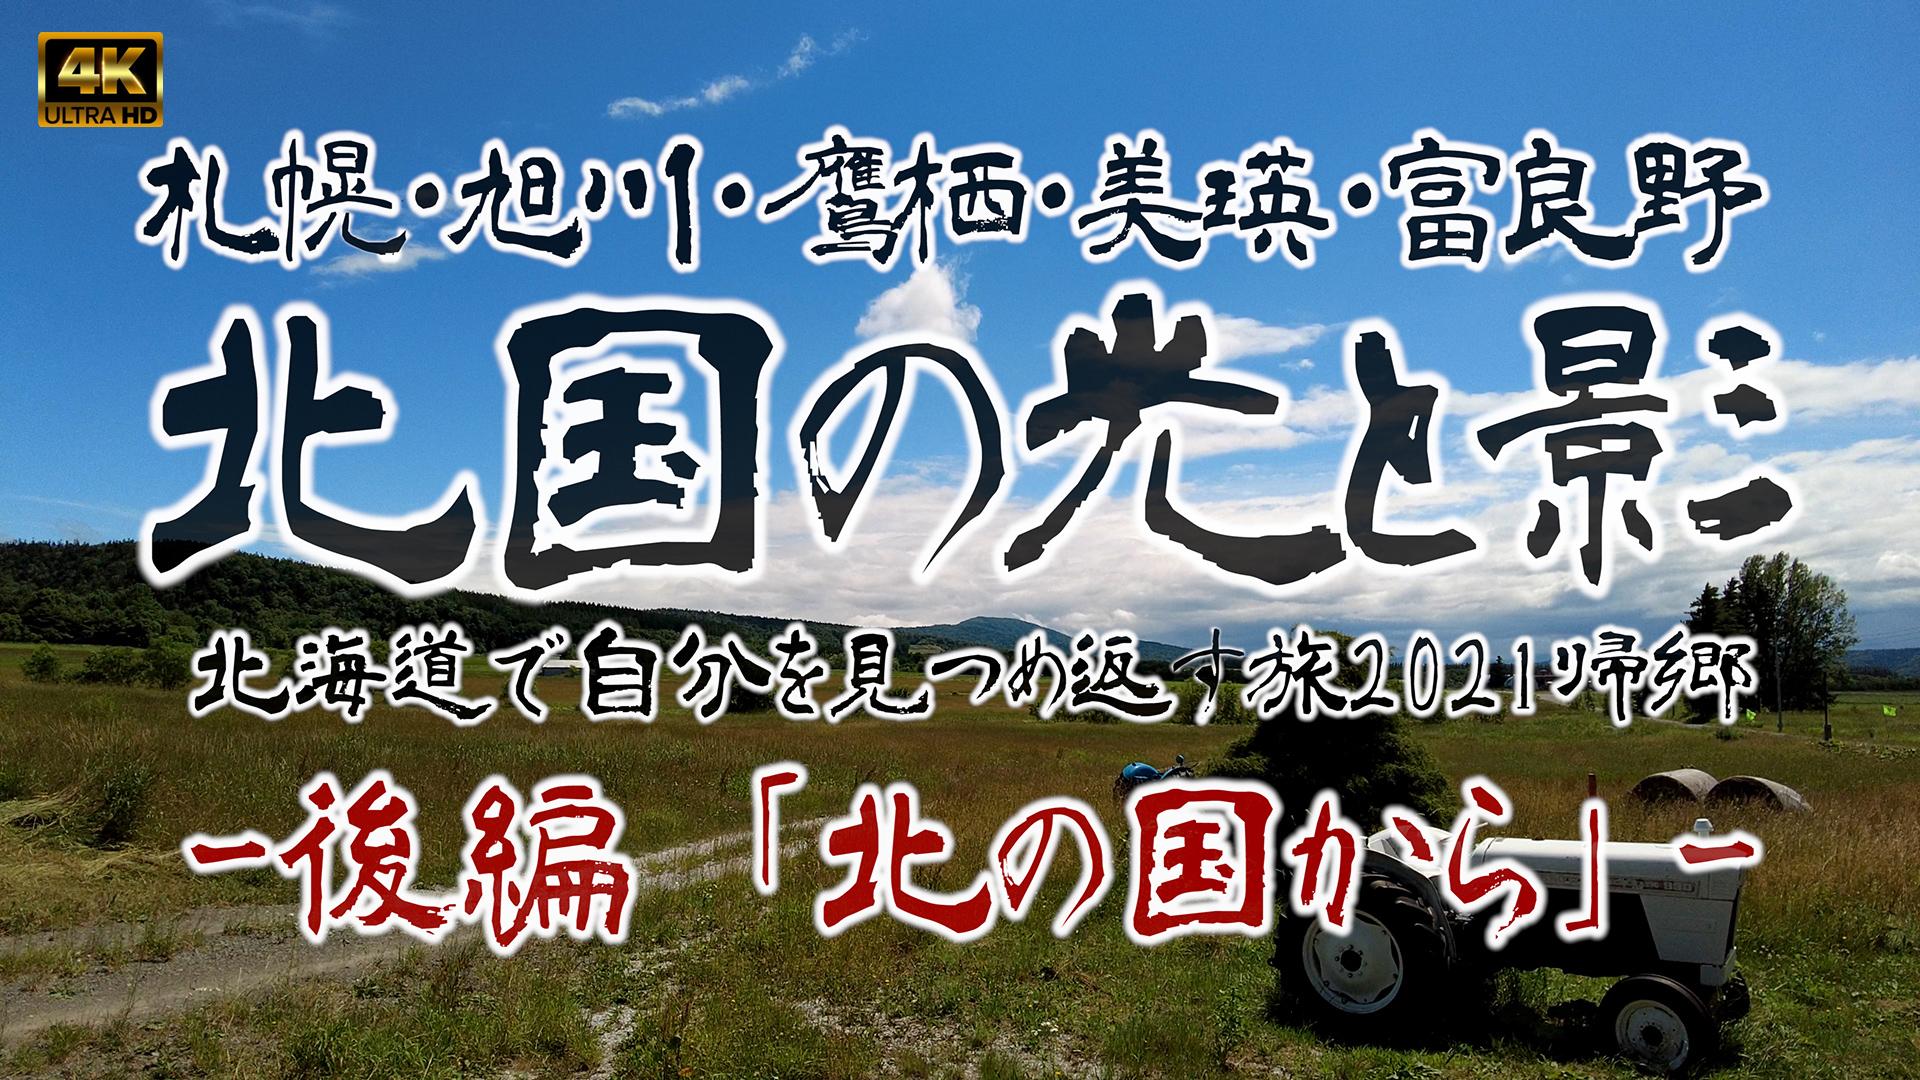 「北国の光と影」北海道で自分を見つめ返す旅2021帰郷 -後編 ドラマ「北の国から」ロケ地巡り、富良野ラベンダー畑、札幌もいわ山ロープウェイから市内を一望